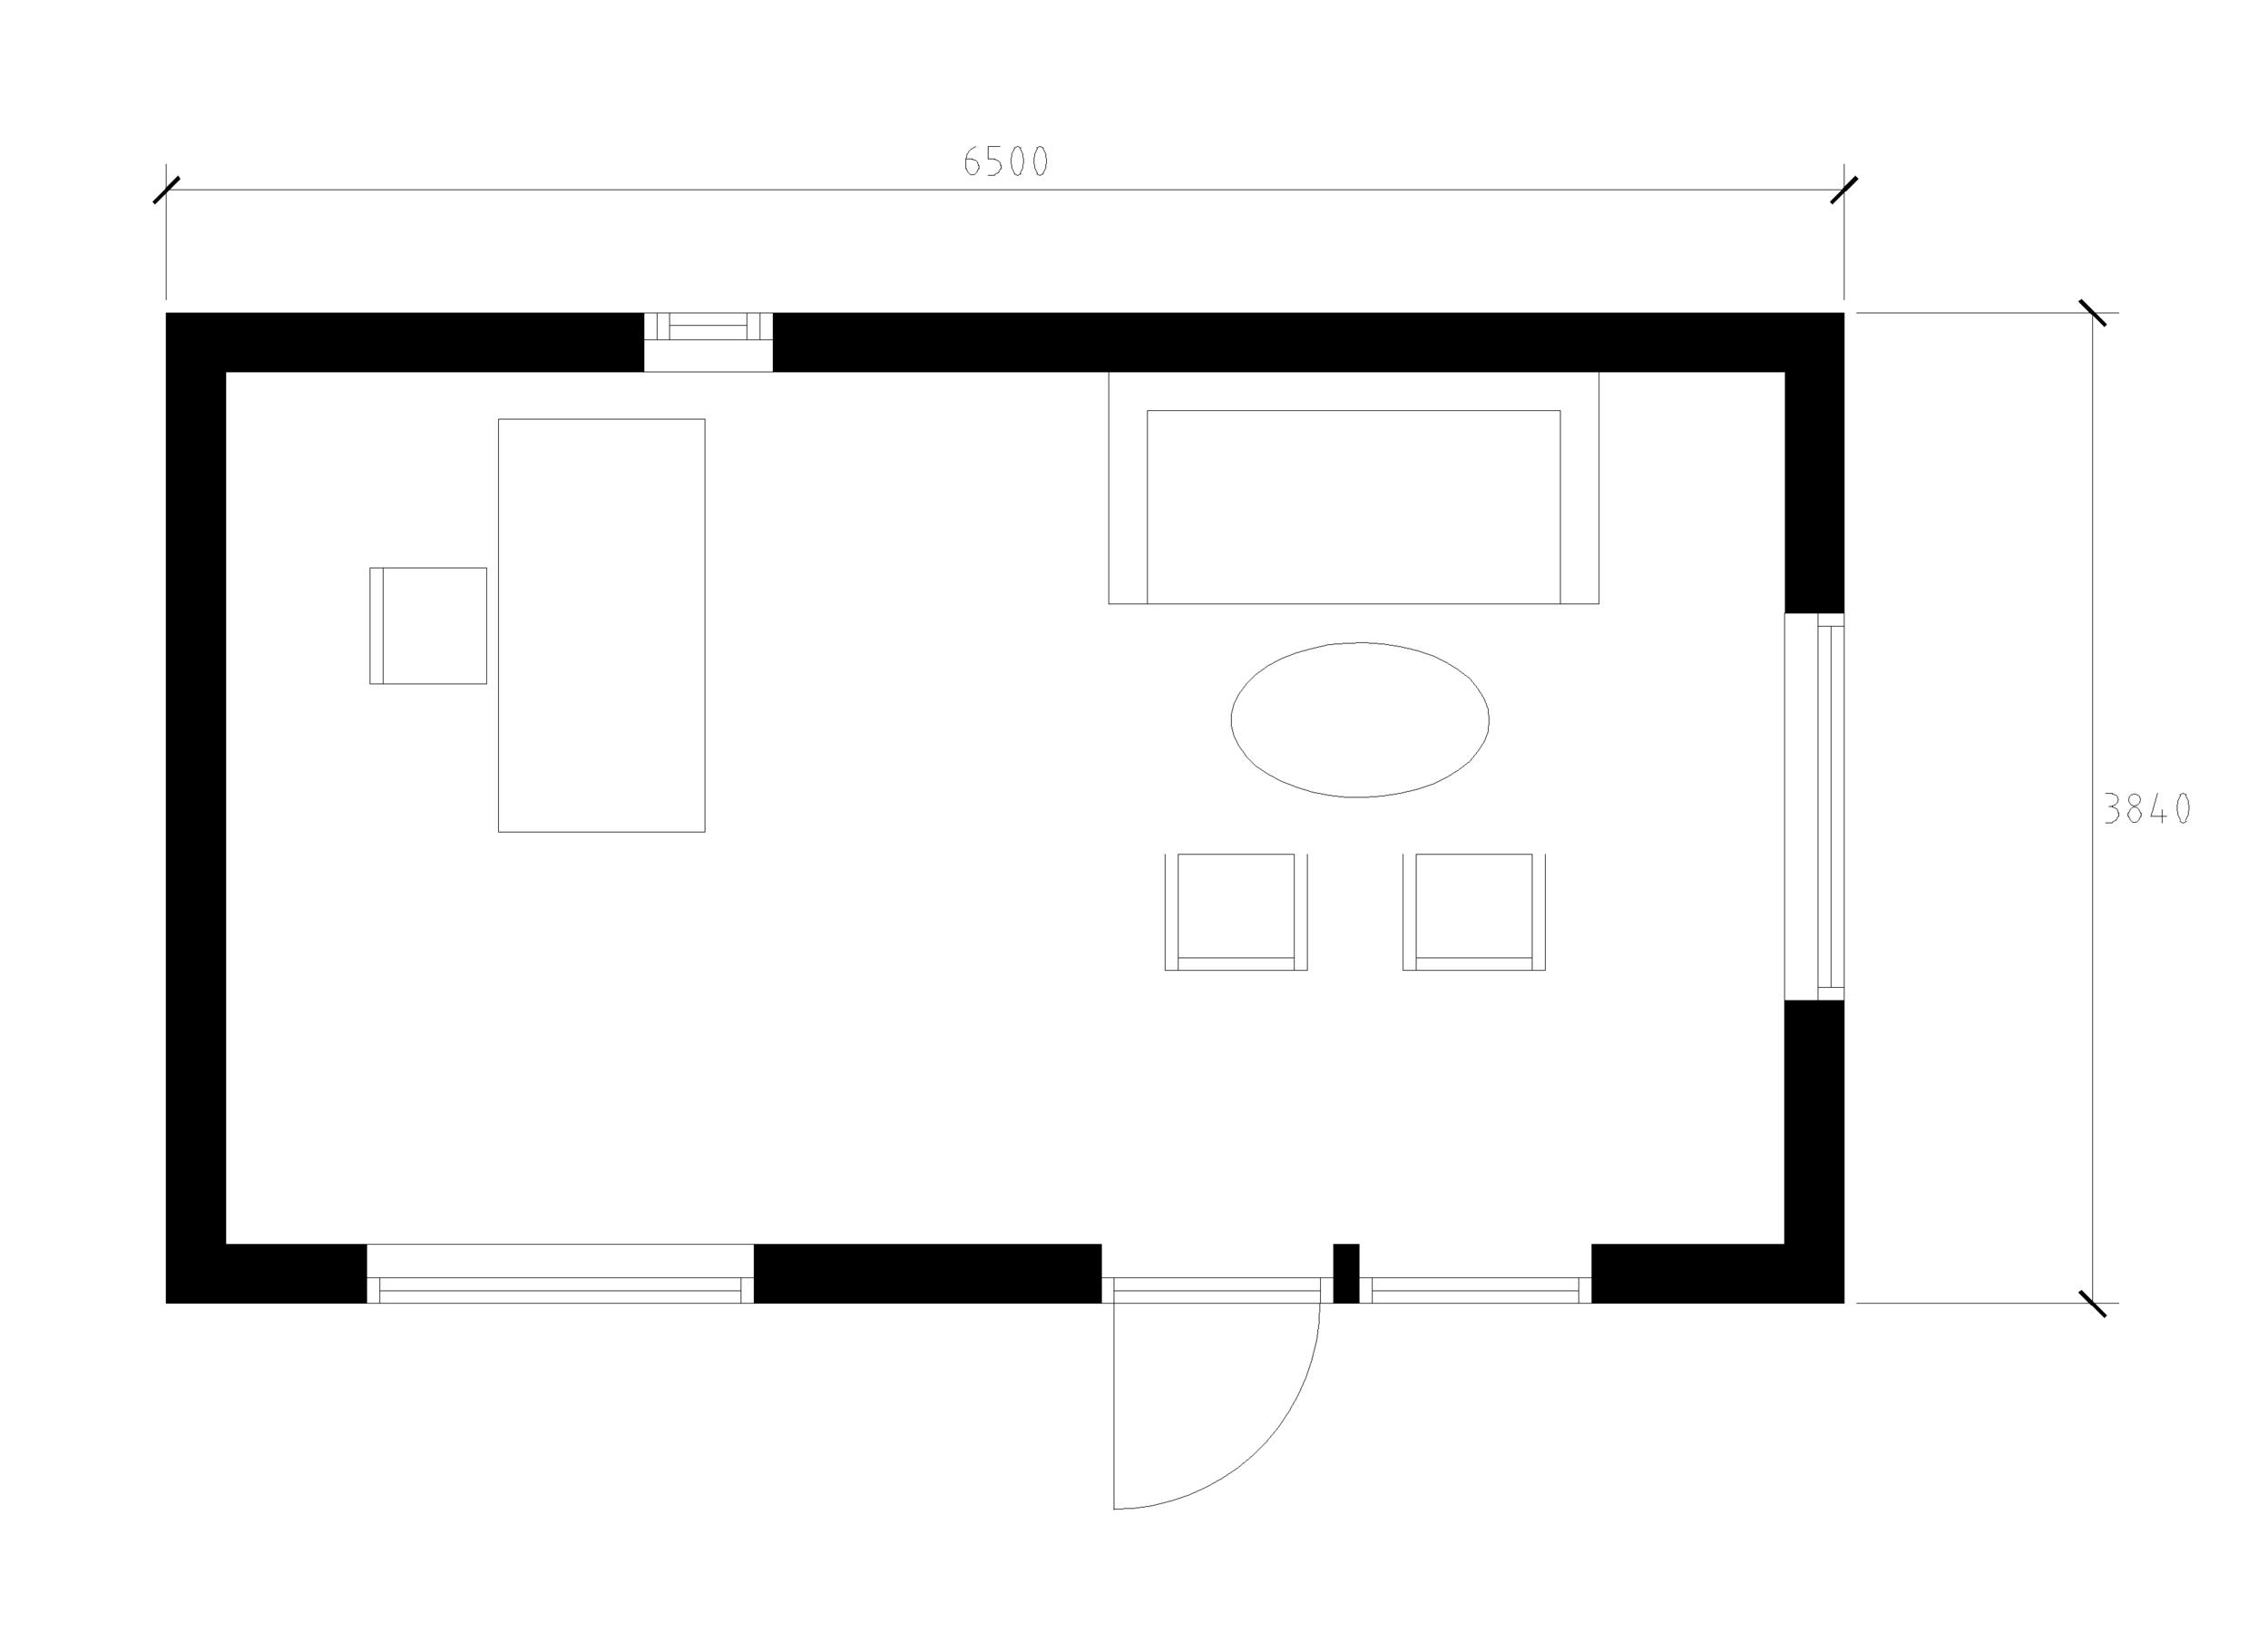 easy-house-attefallshus-åhus-25-öppen-planlösning